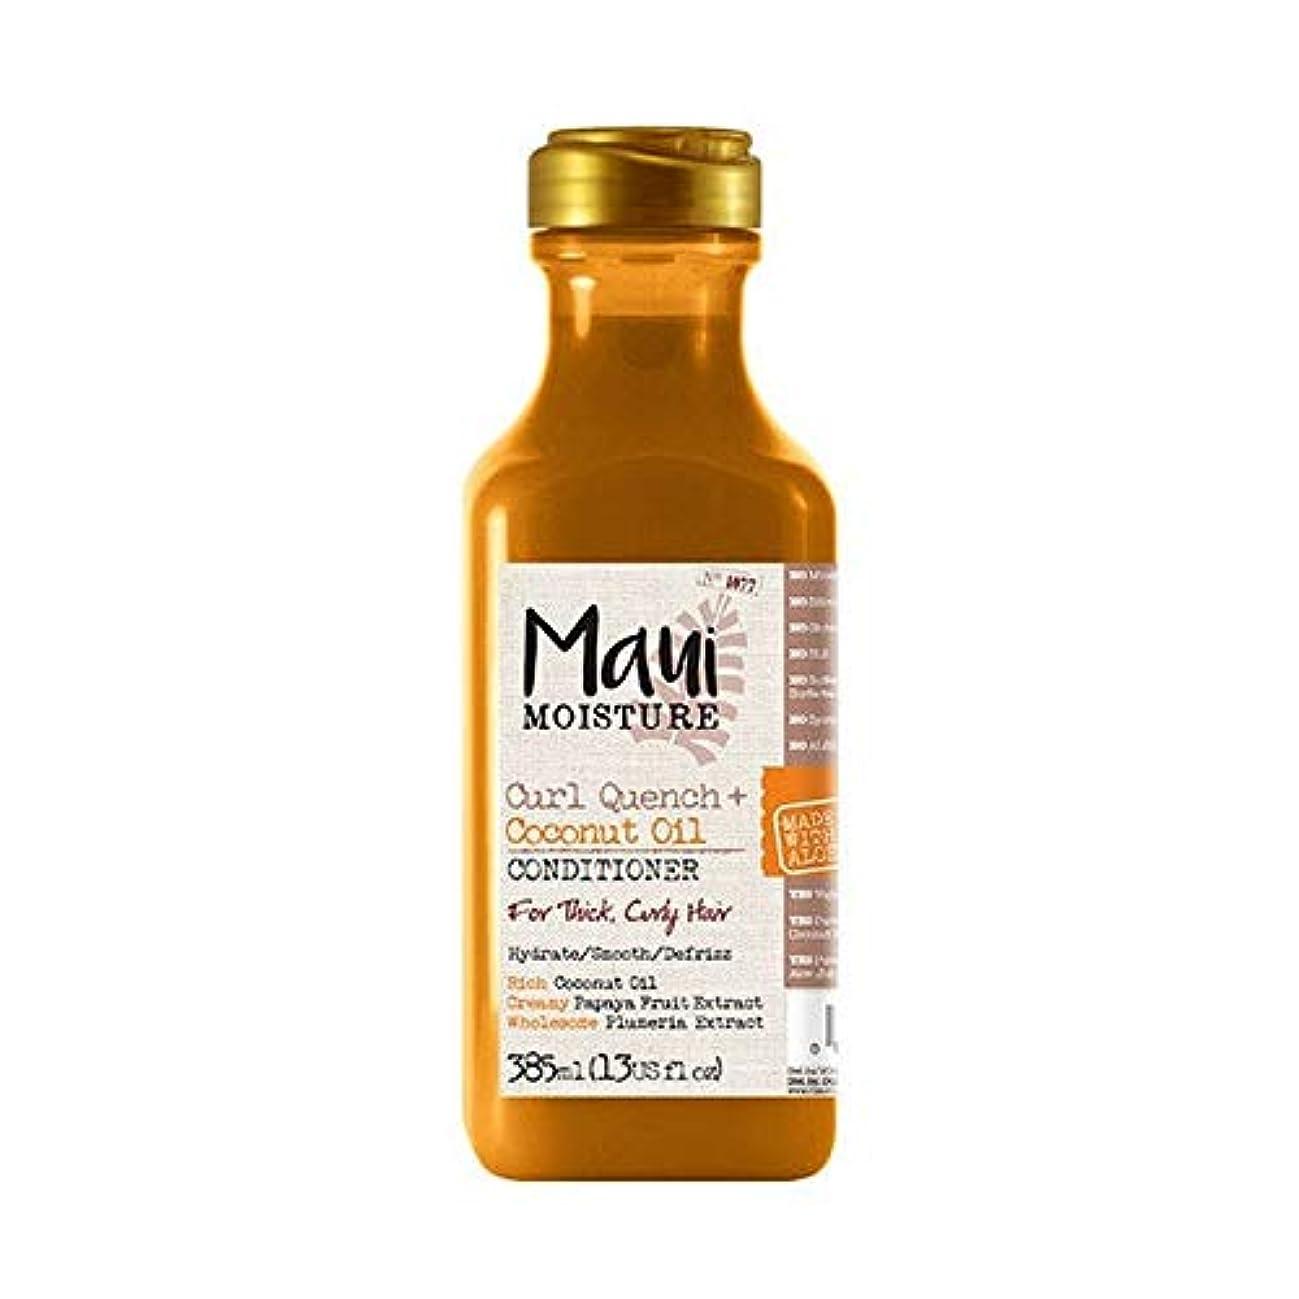 登るジョブ成り立つ[Maui Moisture ] マウイ水分カールクエンチ+ココナッツオイルコンディショナー - Maui Moisture Curl Quench + Coconut Oil Conditioner [並行輸入品]